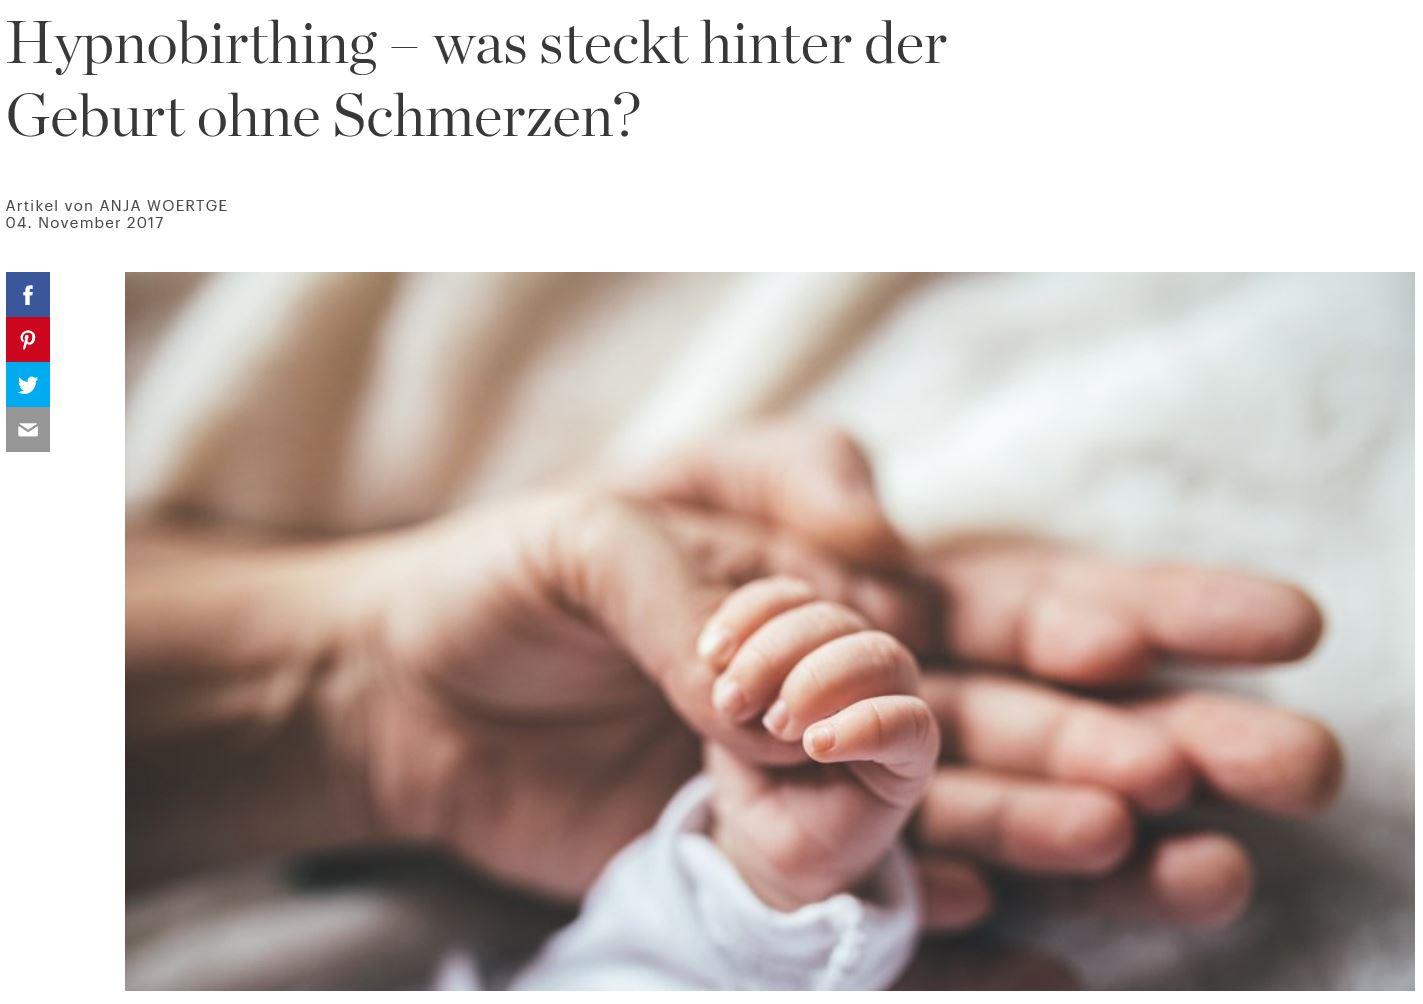 Hypnobirthing - was steckt hinter der Geburt ohne Schmerzen